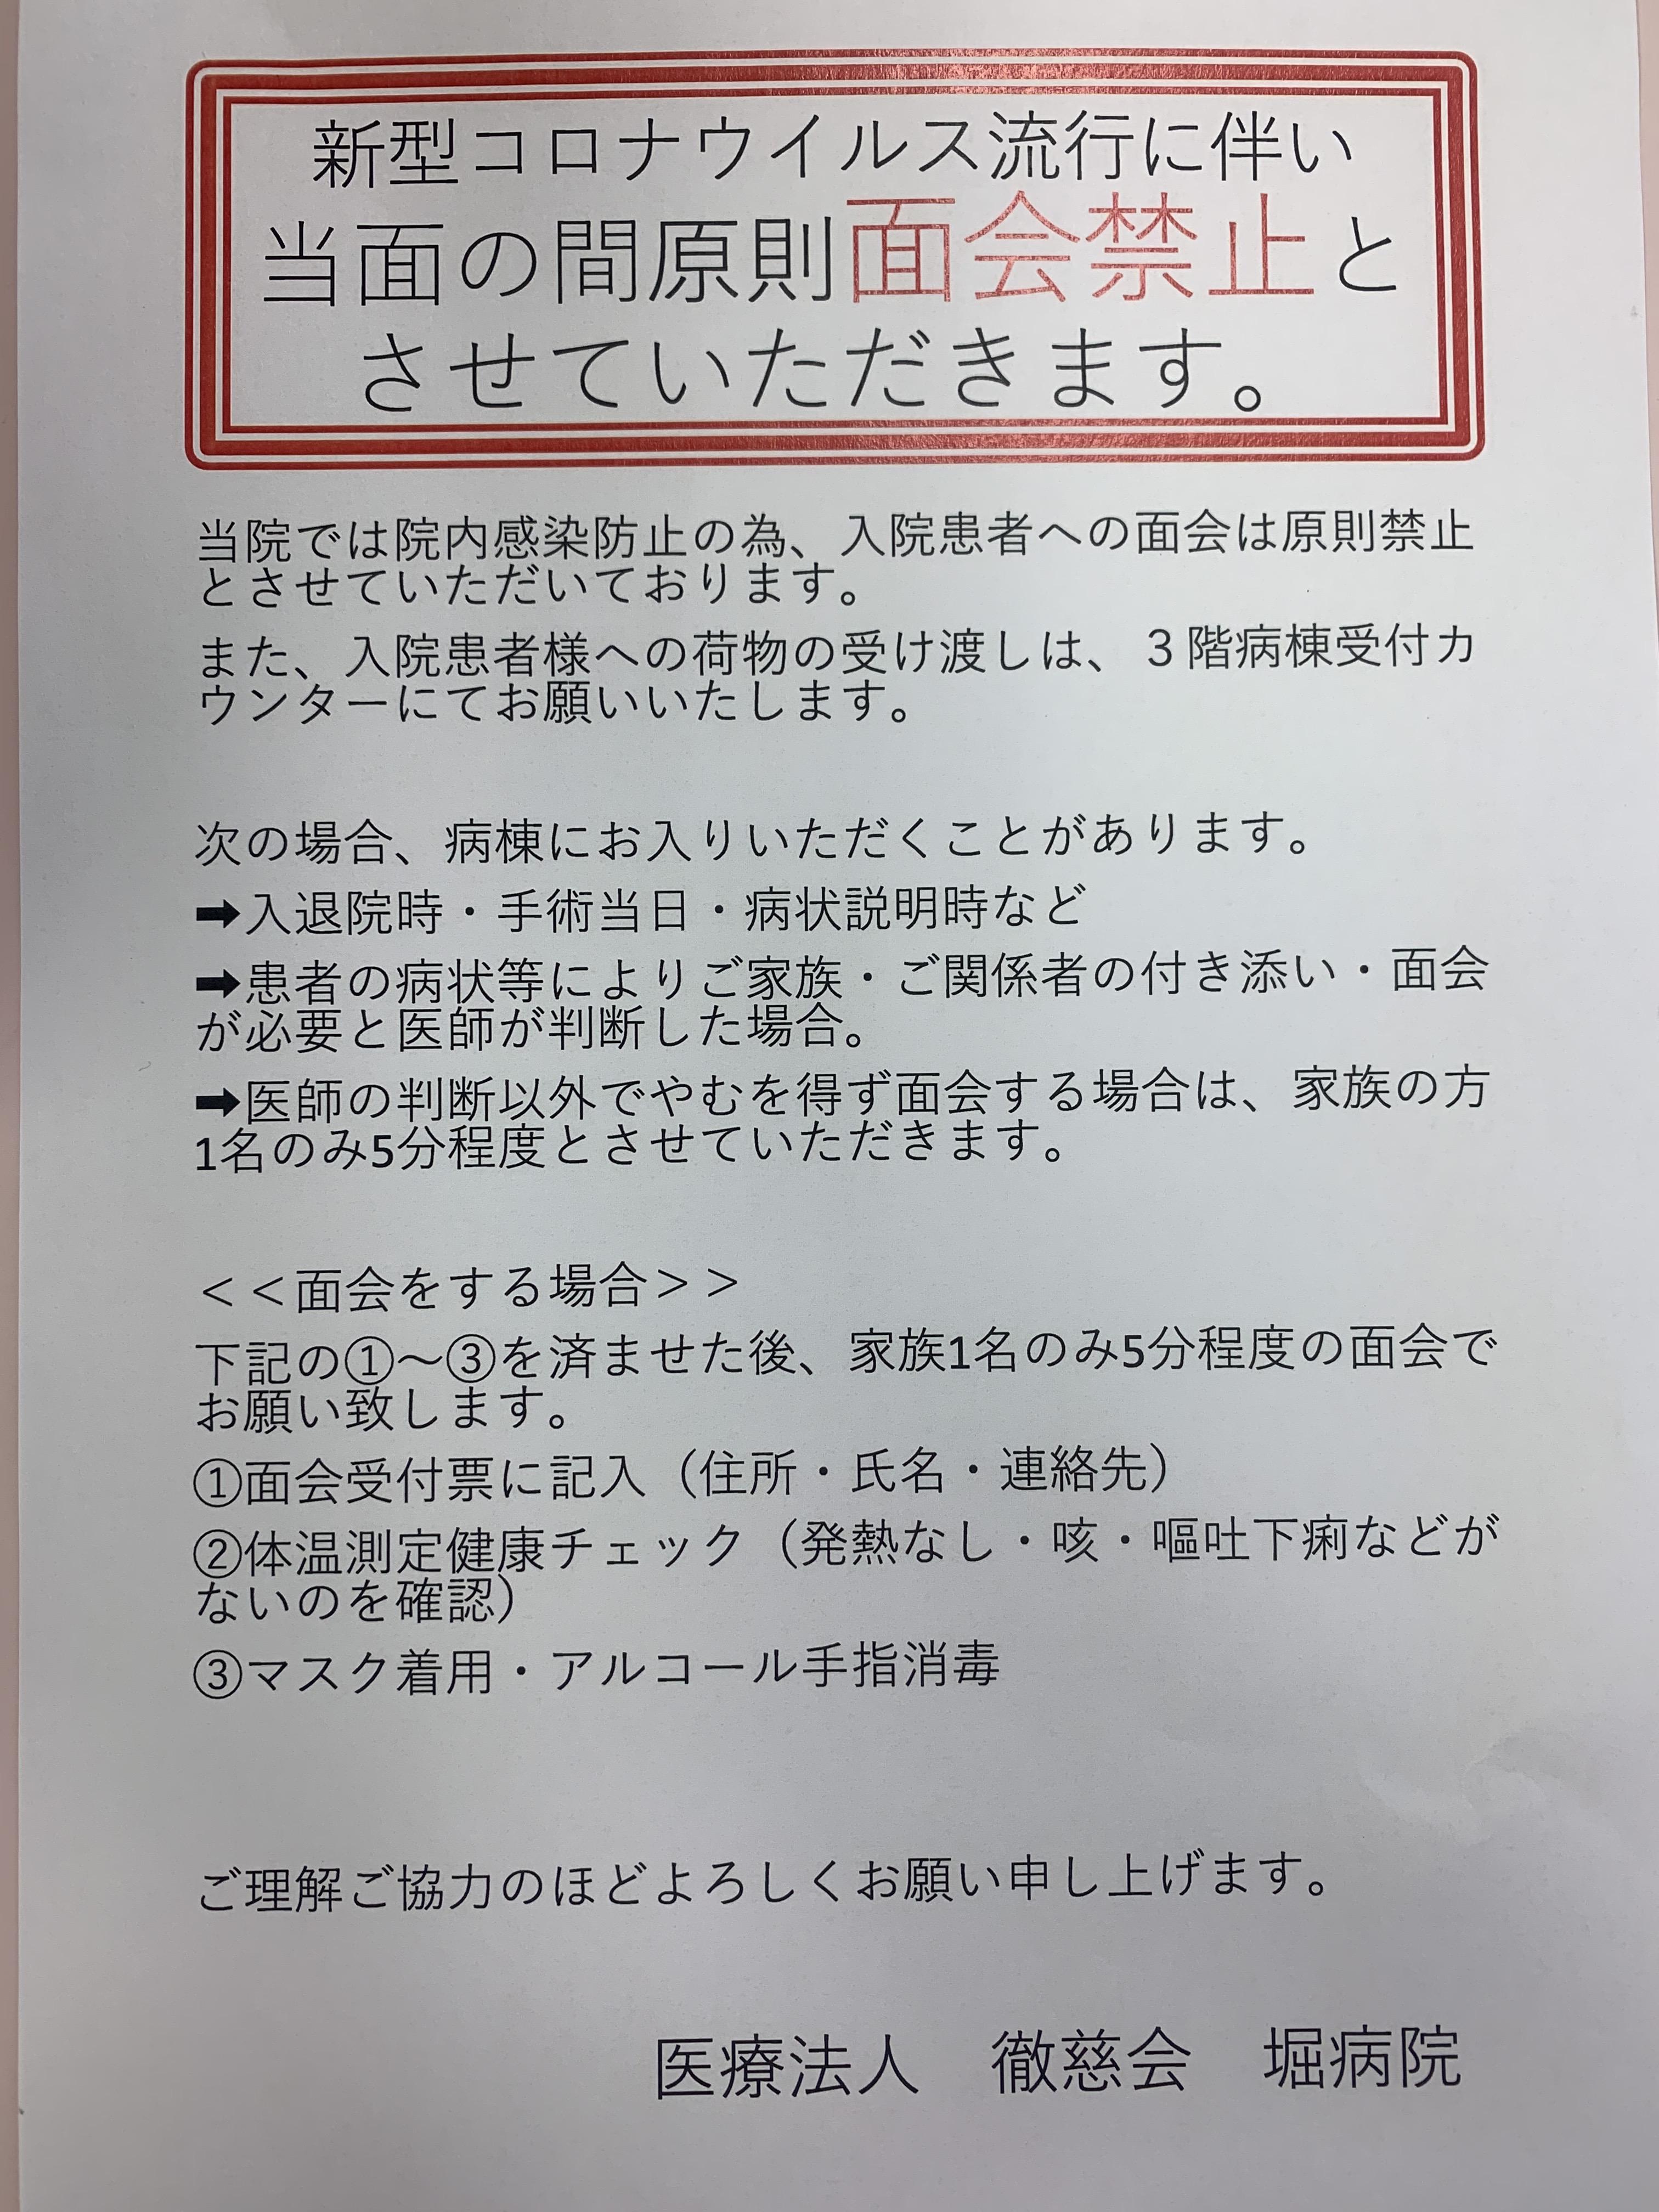 コロナ 呉 爆 サイ 市